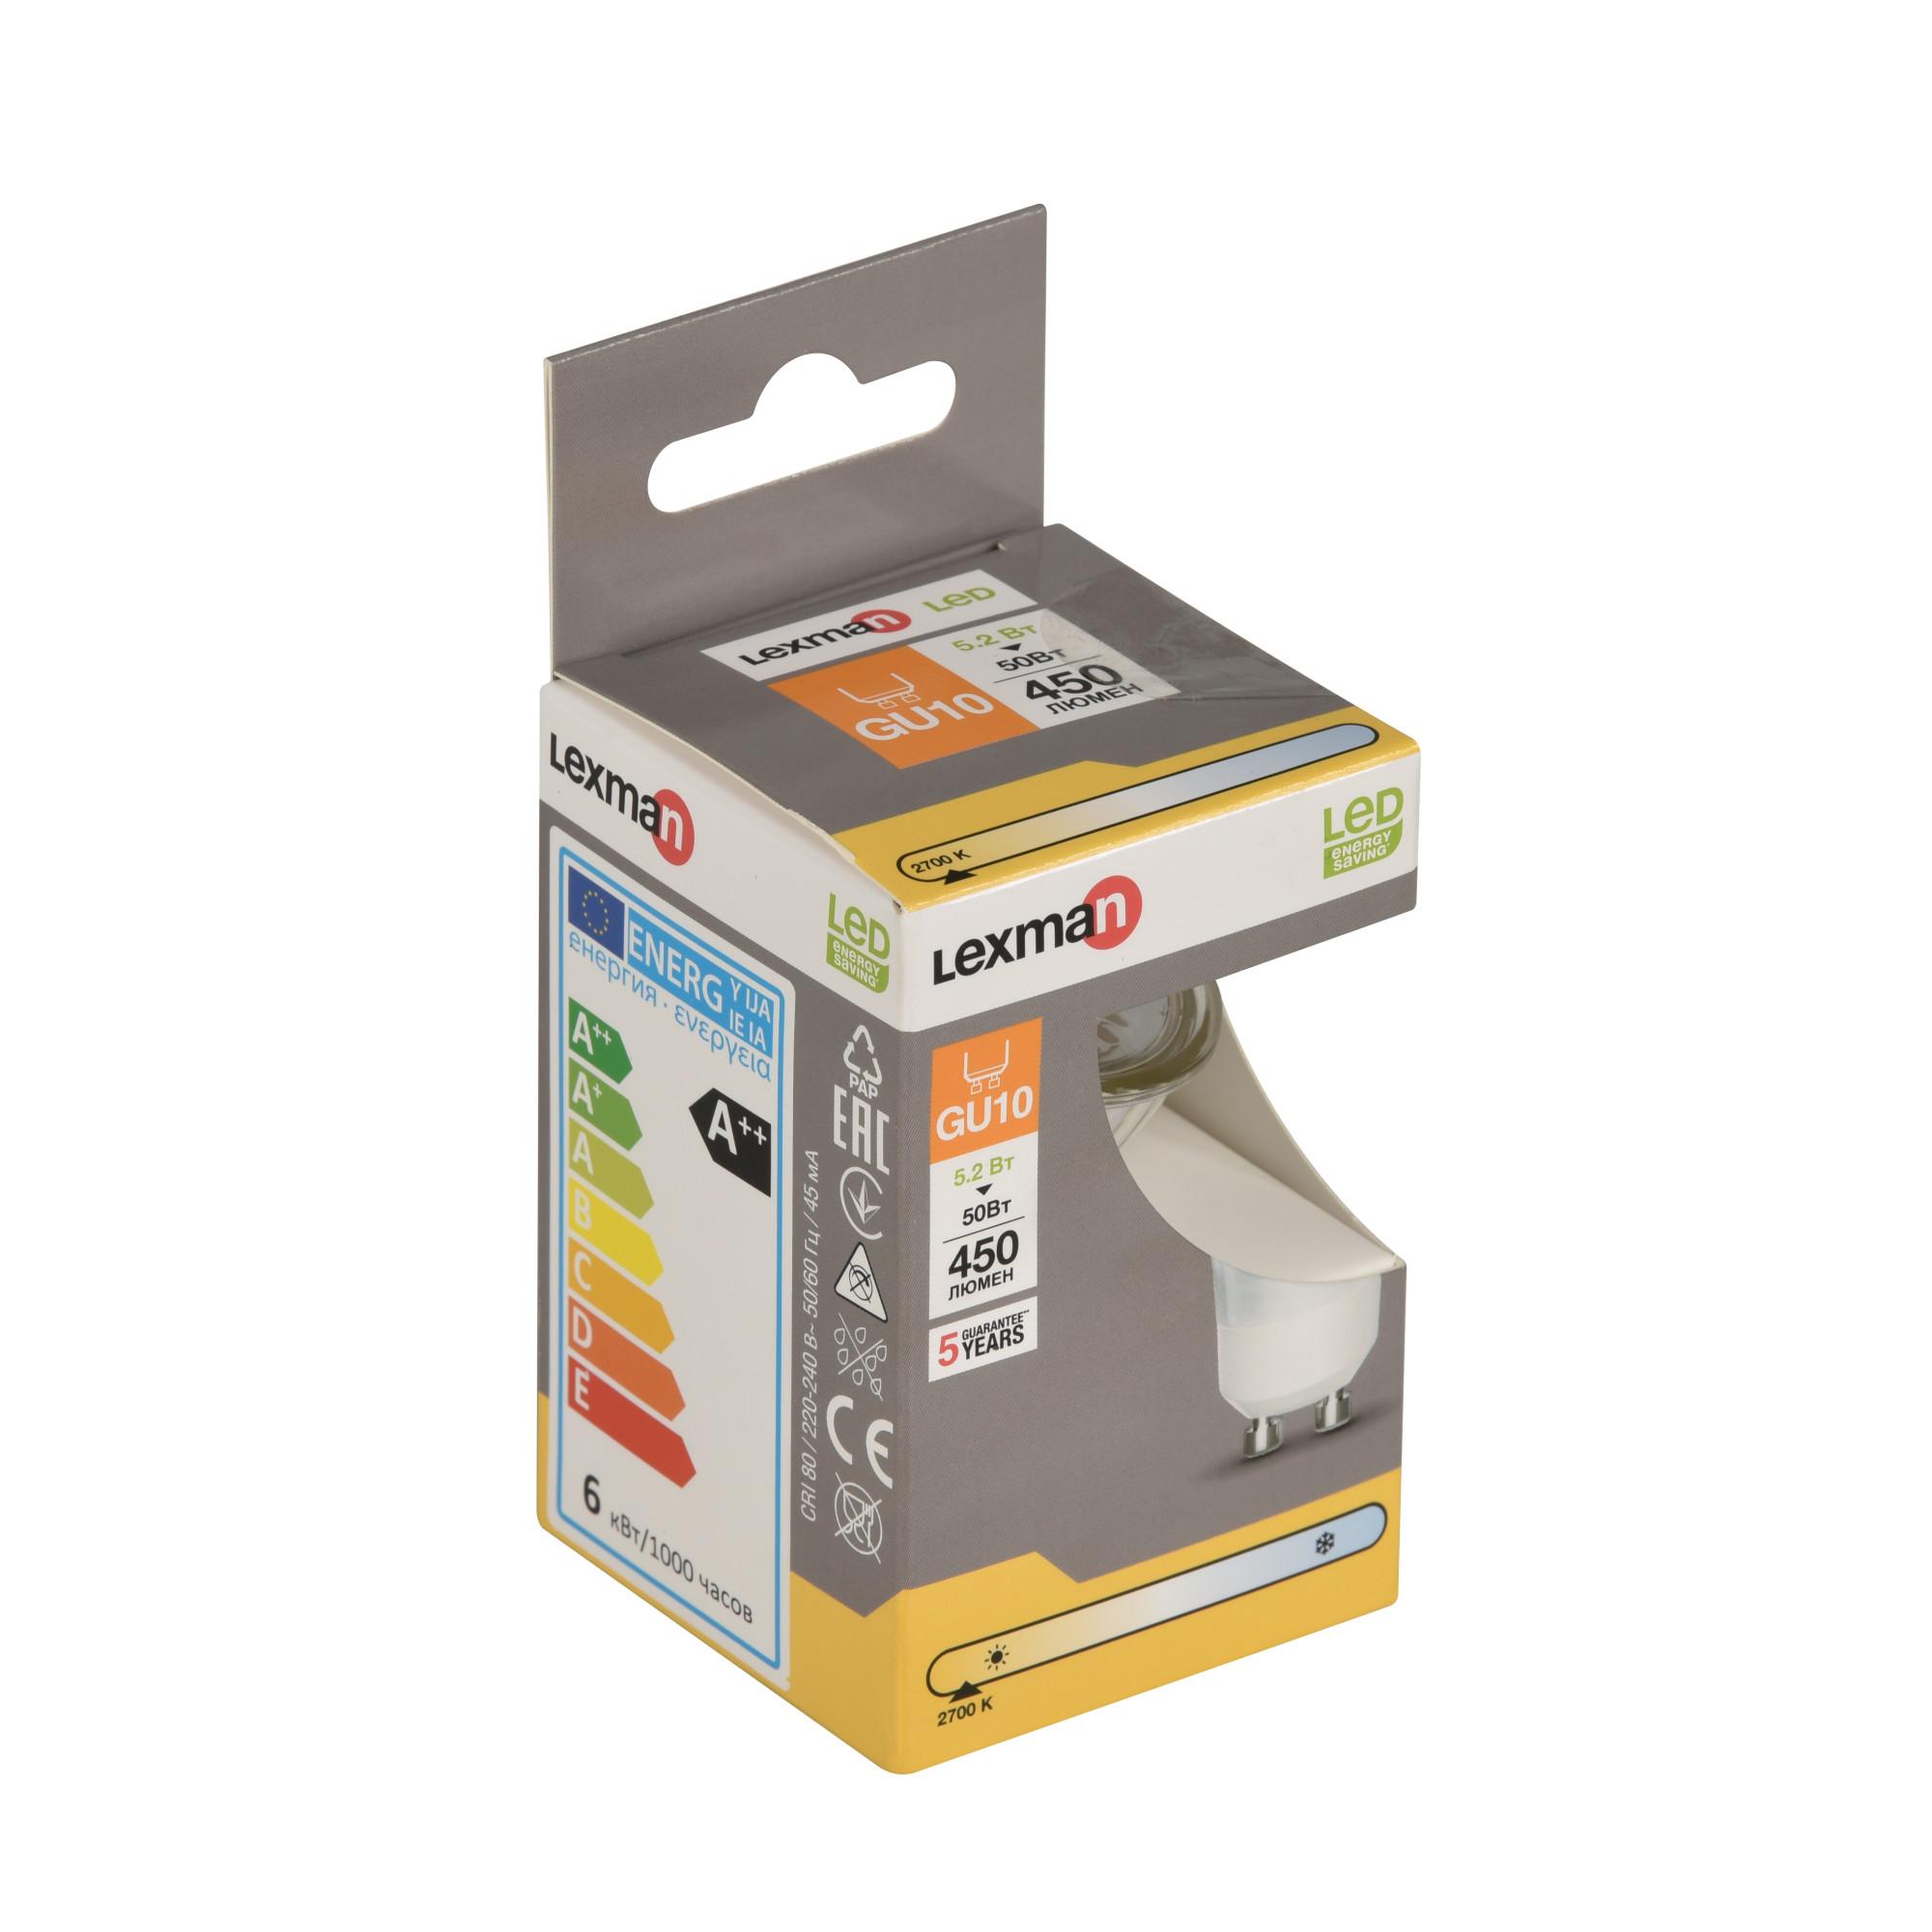 Лампа светодиодная Lexman GU10 220 В 5.2 Вт зеркальная прозрачная 450 лм тёплый белый свет